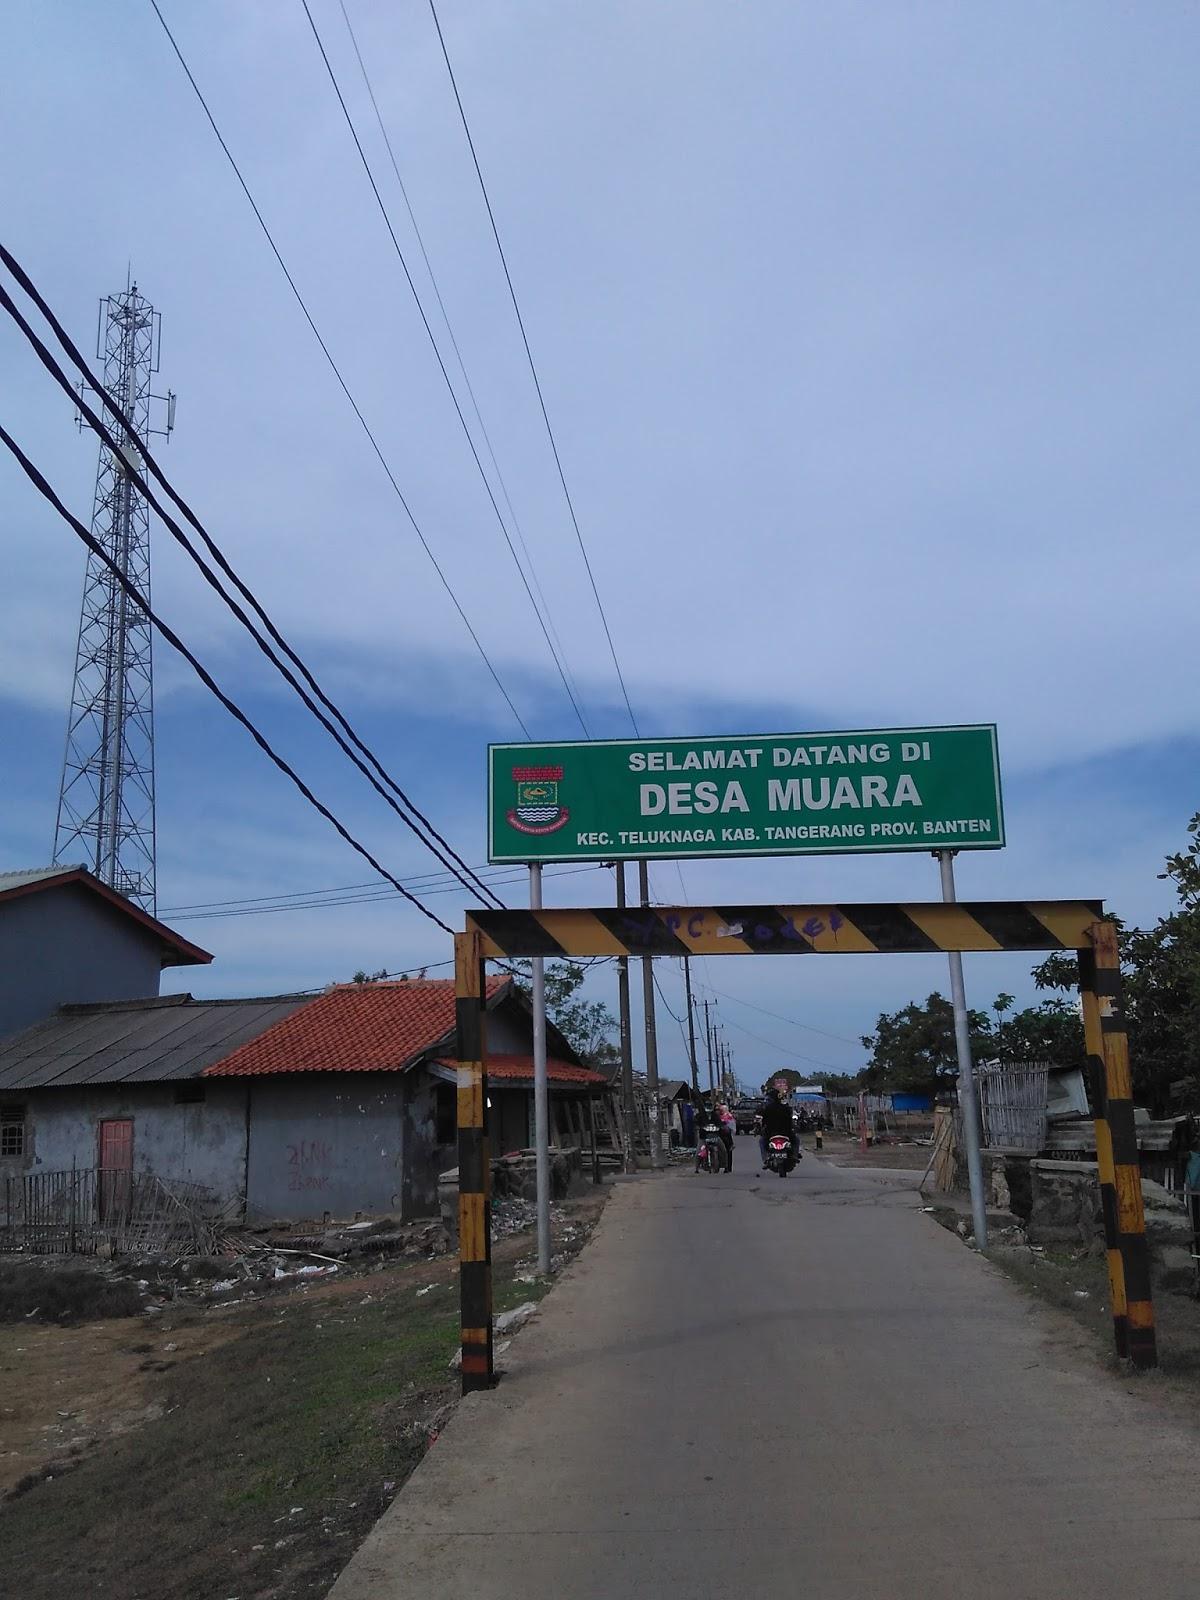 Ngopibareng Gerbang Masuk Desa Muara Kecamatan Teluknaga Kab Tangerang Pantai